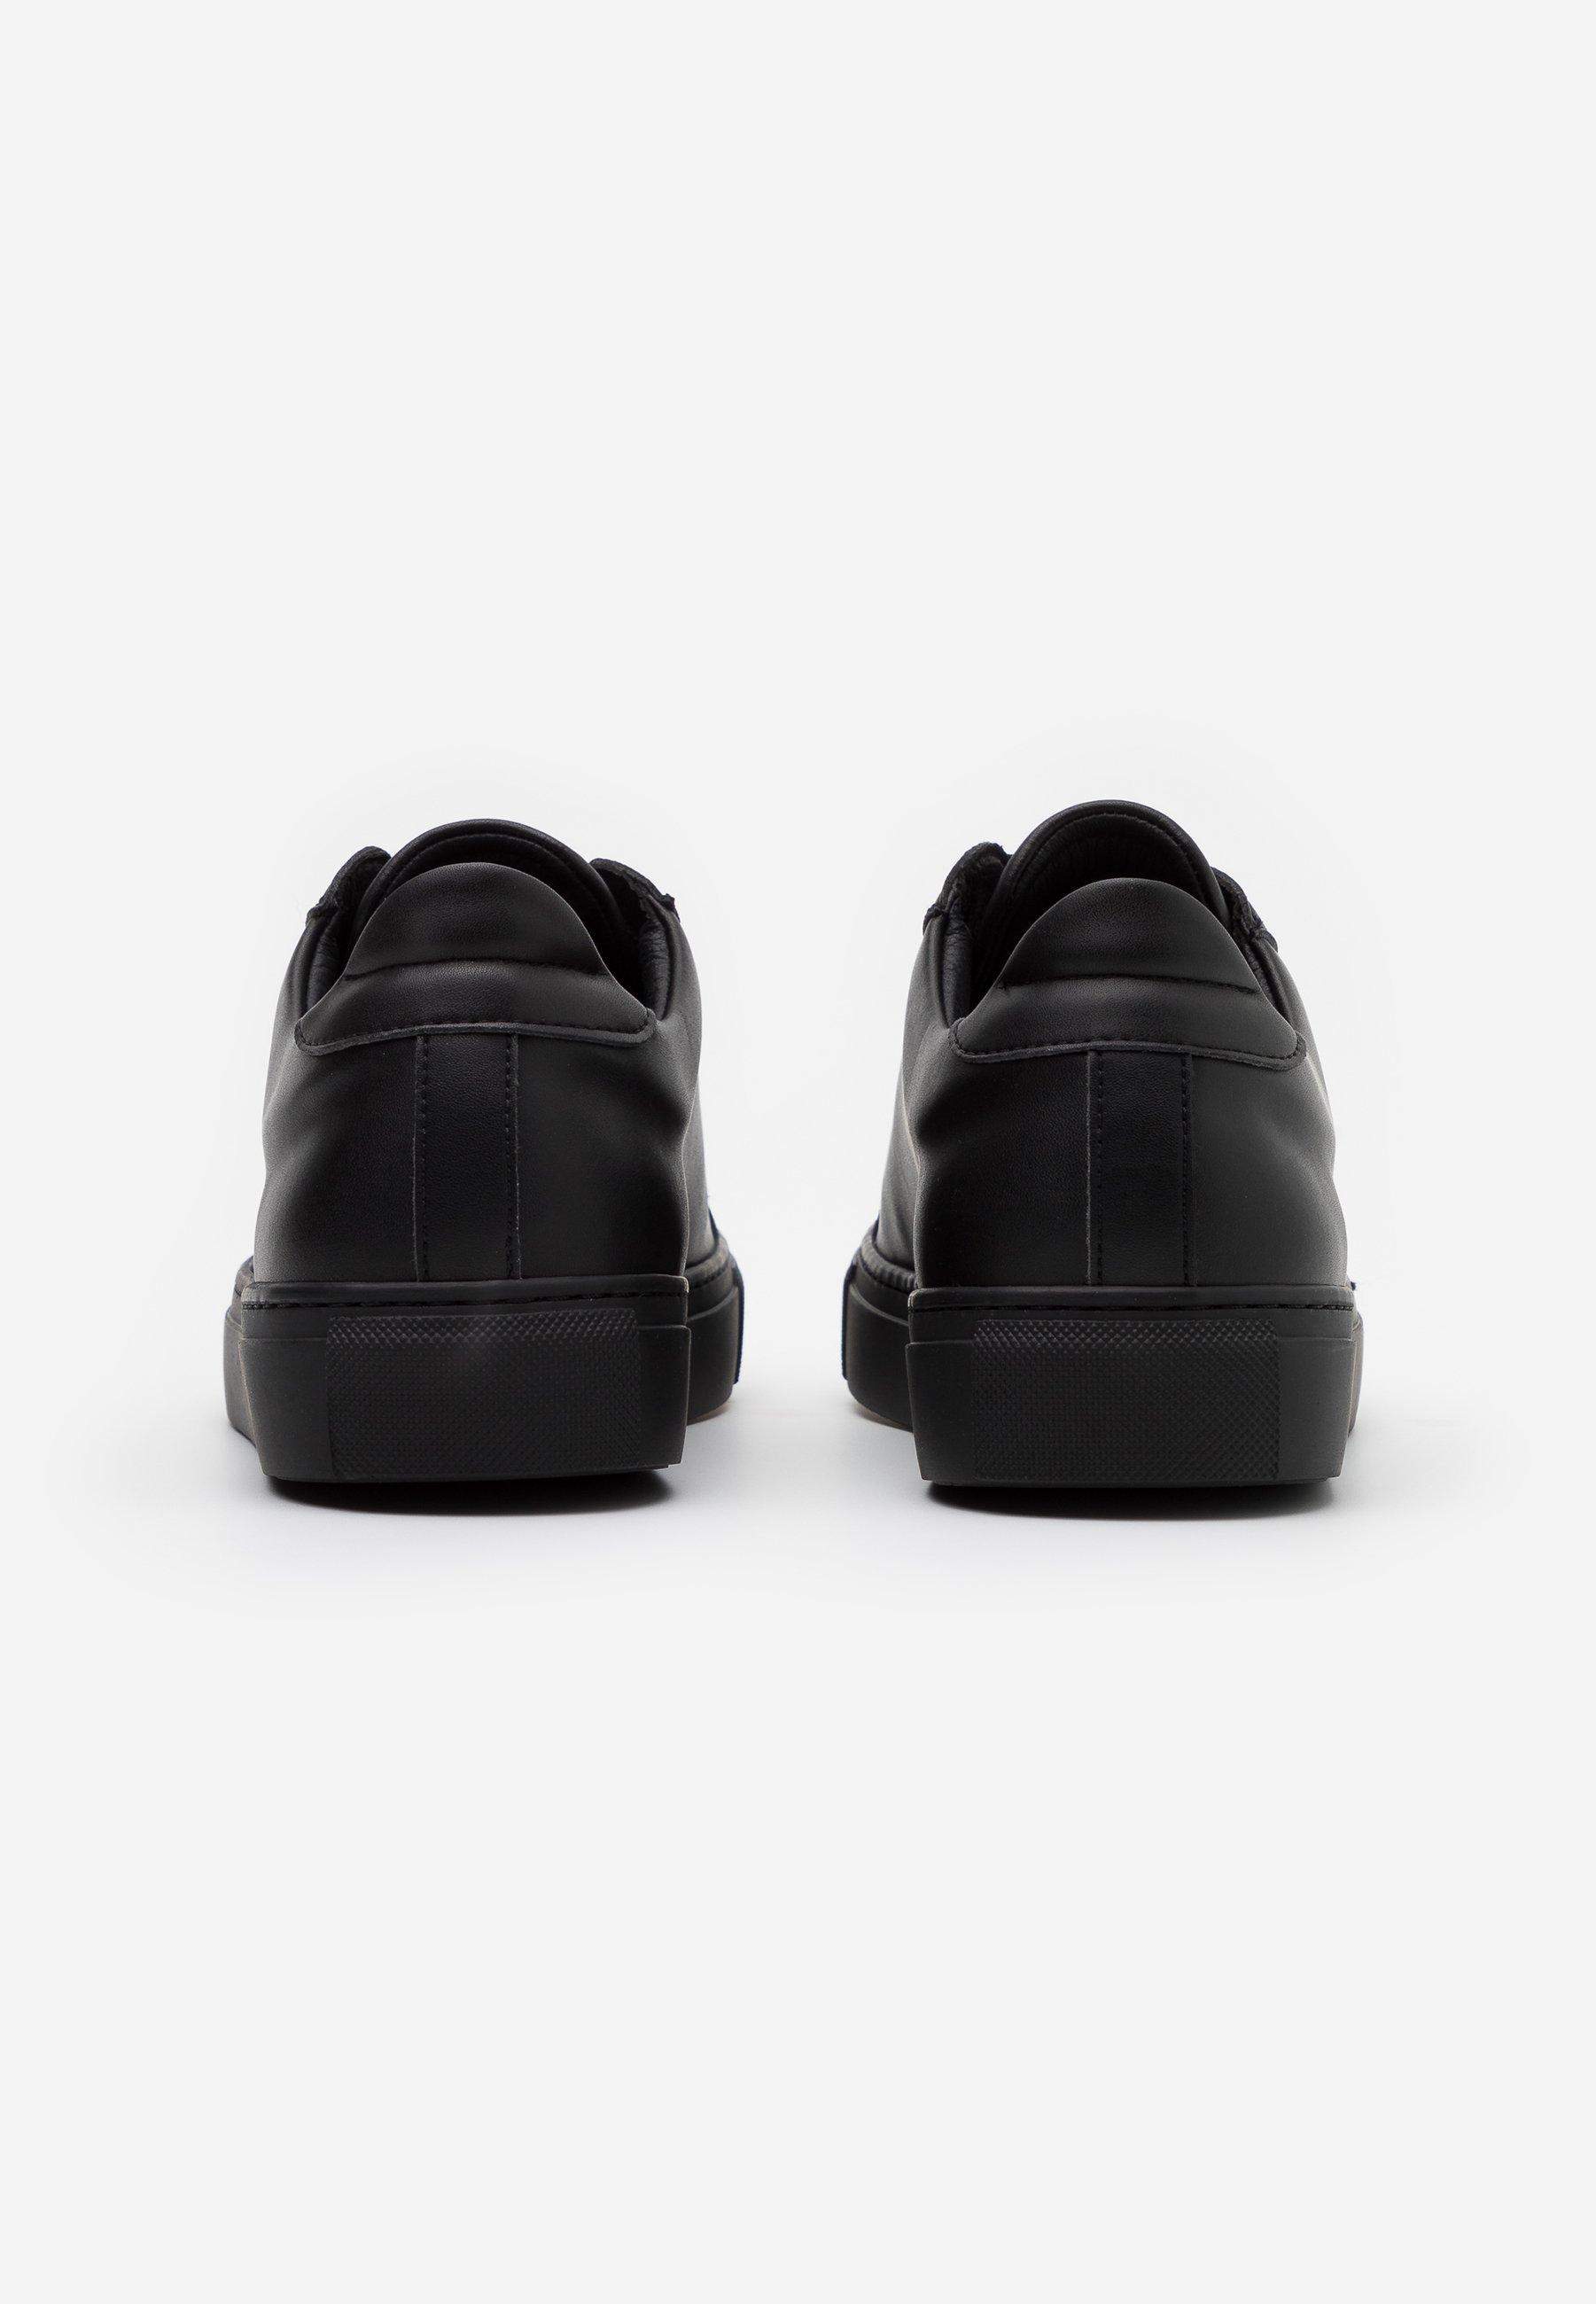 GARMENT PROJECT TYPE VEGAN - Sneaker low - black/schwarz - Herrenschuhe pYMZf